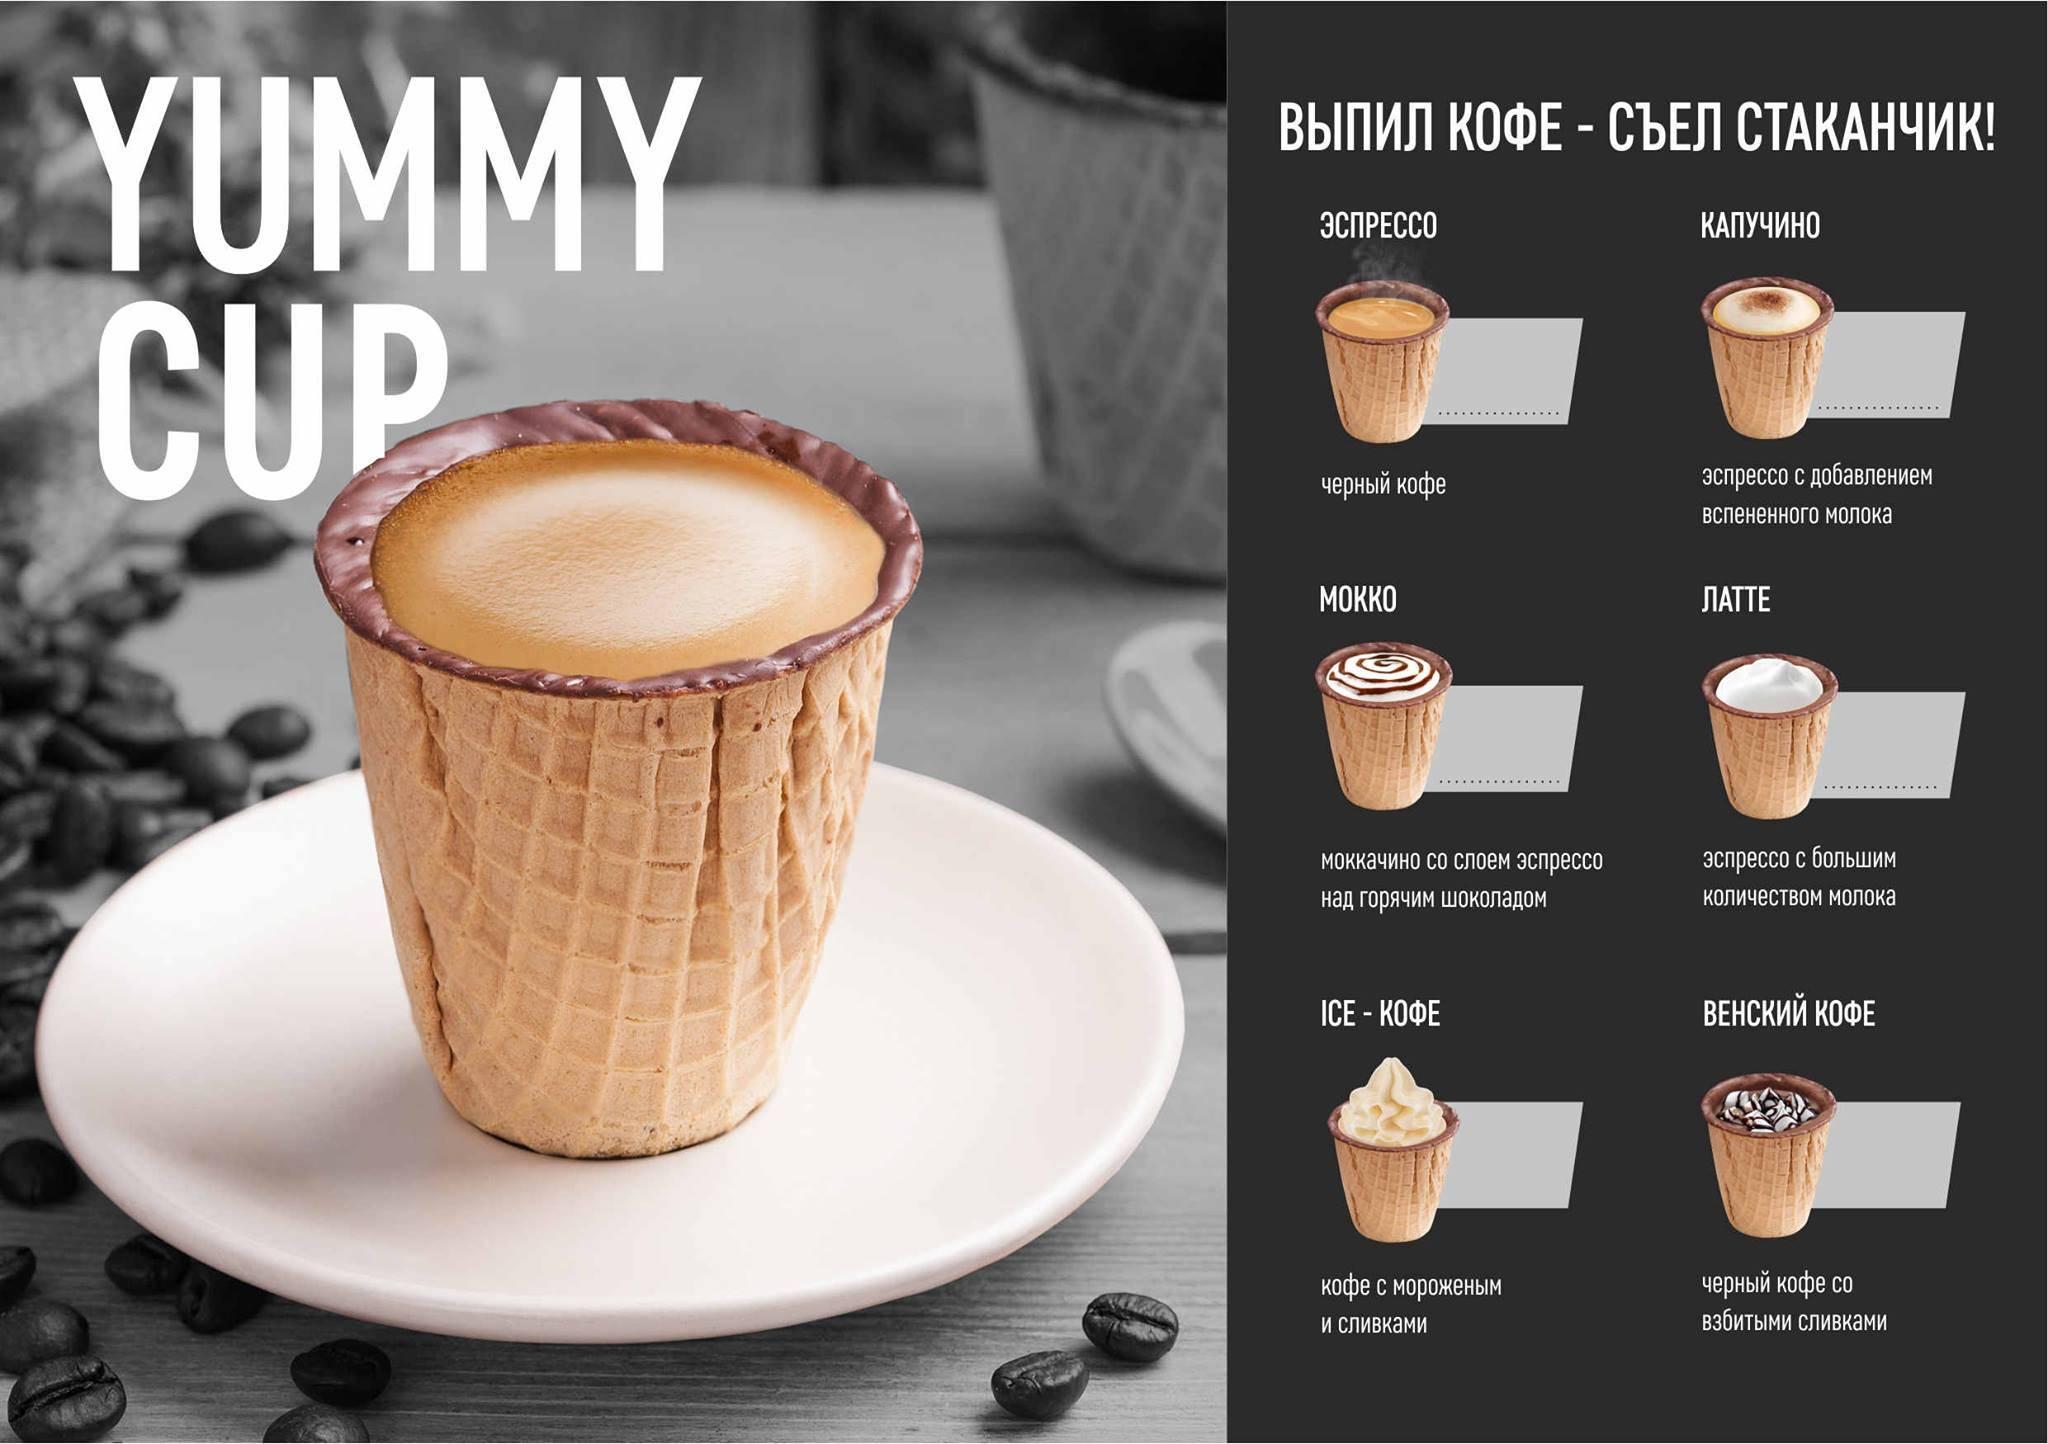 Все о кофейных ликерах: марки, как употреблять и приготовить самостоятельно